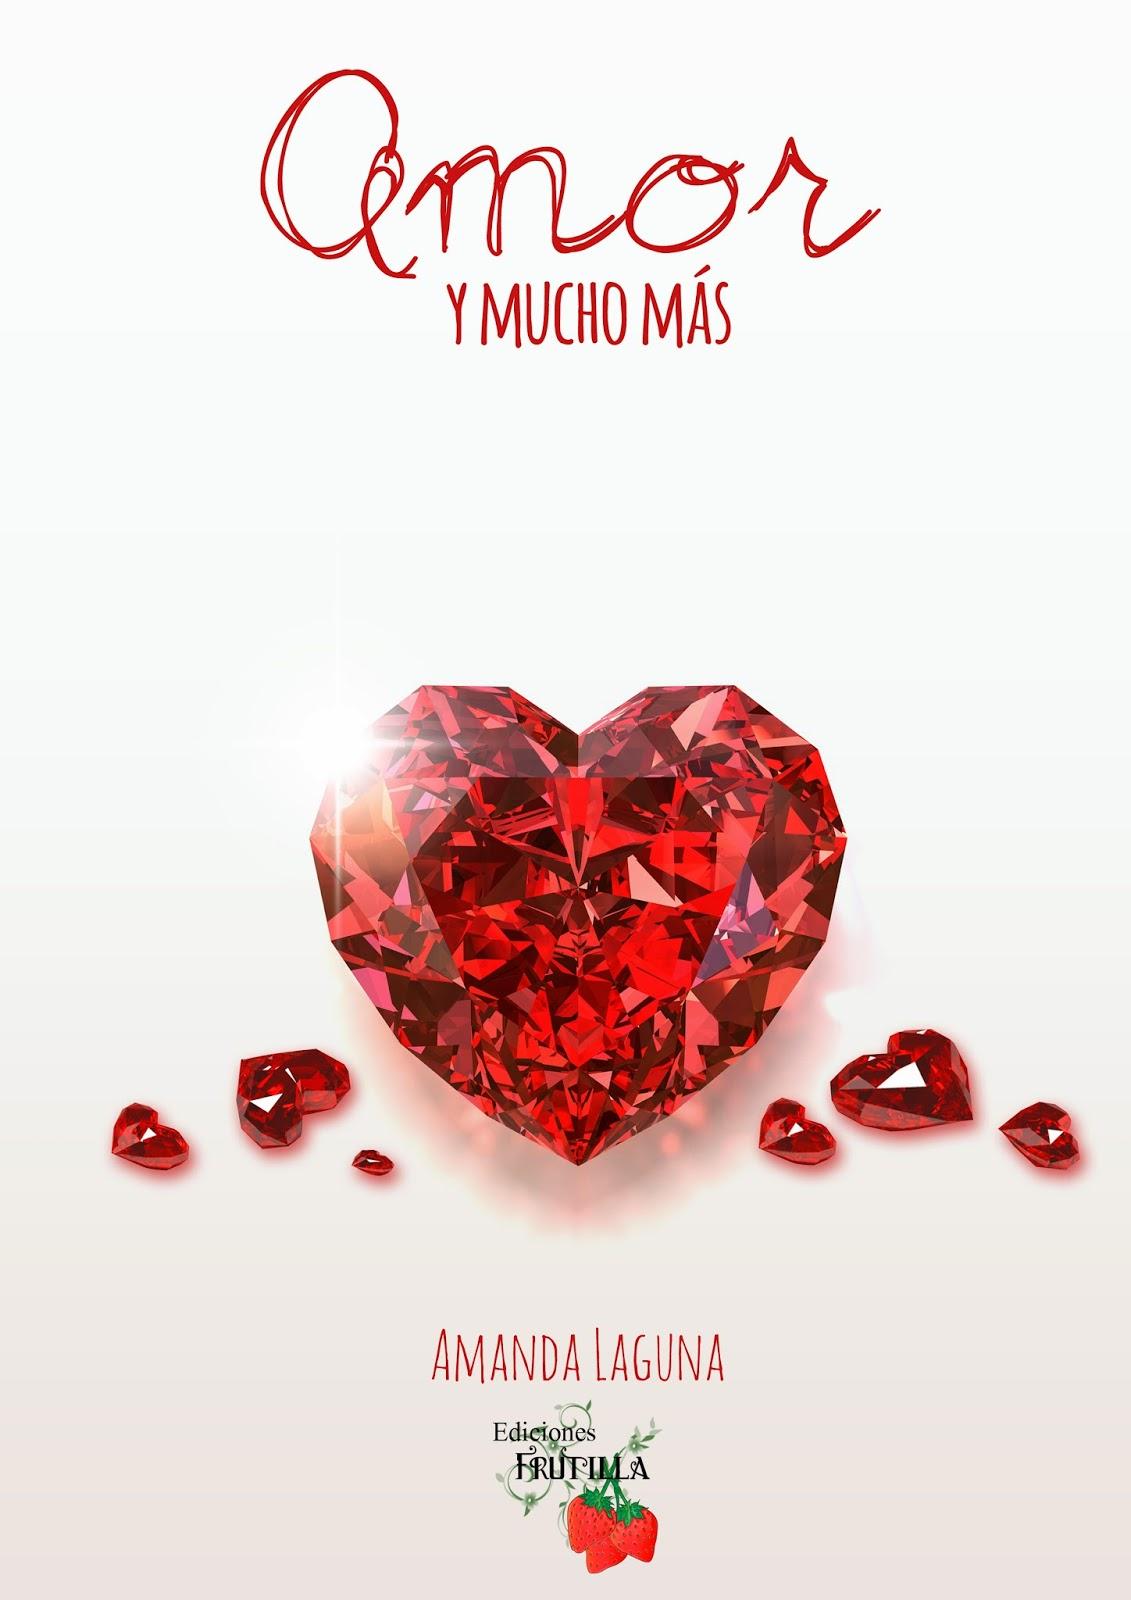 """Fic """"Amor y mucho más"""" de Amanda Laguna.  Amorymuchomasportada+copia"""